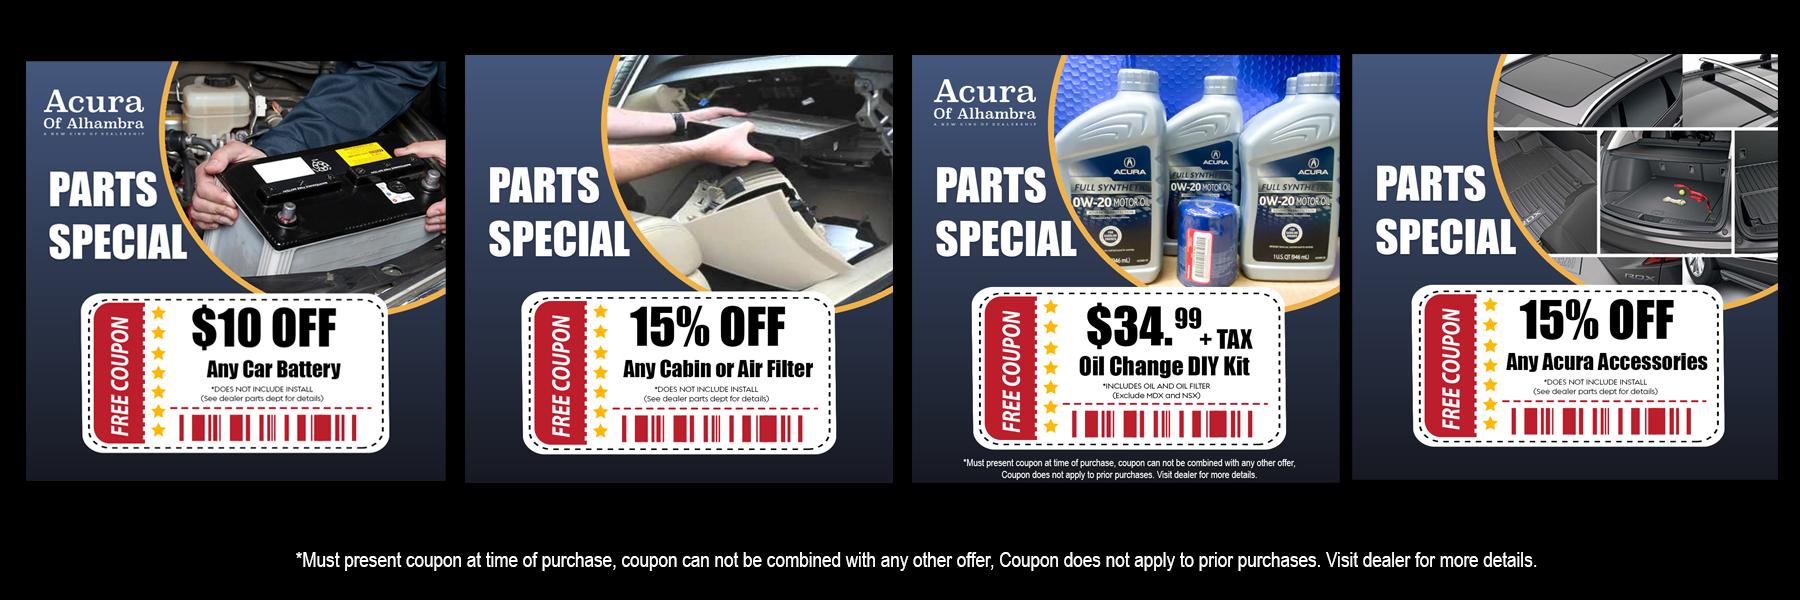 Web-Acura-PATRS-Specials-Rev-April